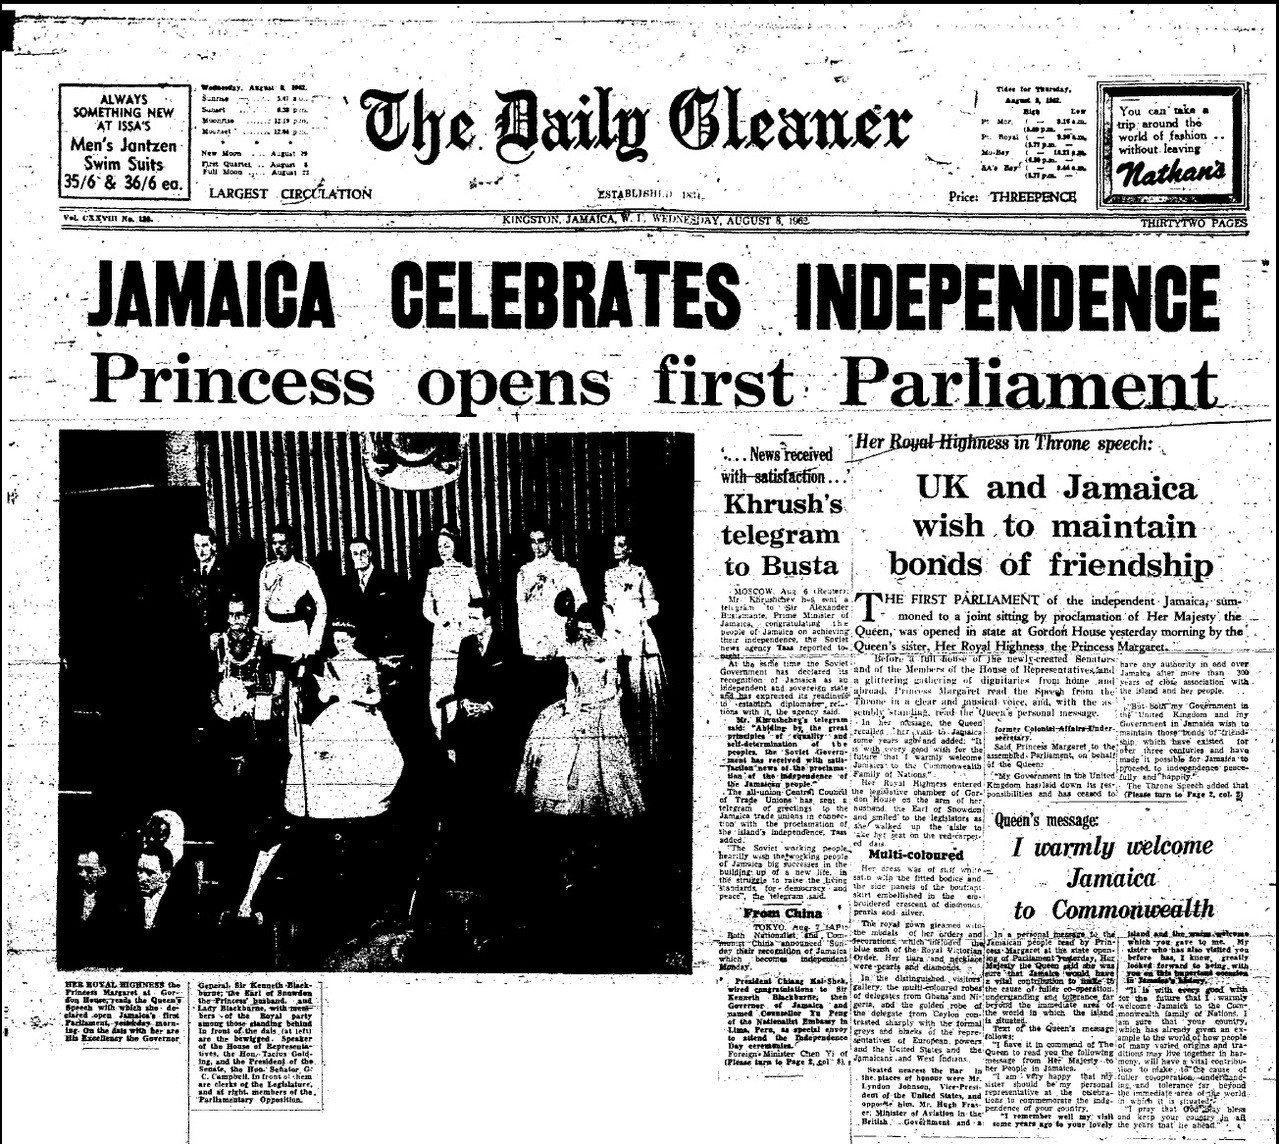 金、黑、綠三色組成的牙買加國旗,在1962年8月6日冉冉升起。 圖/維基共享